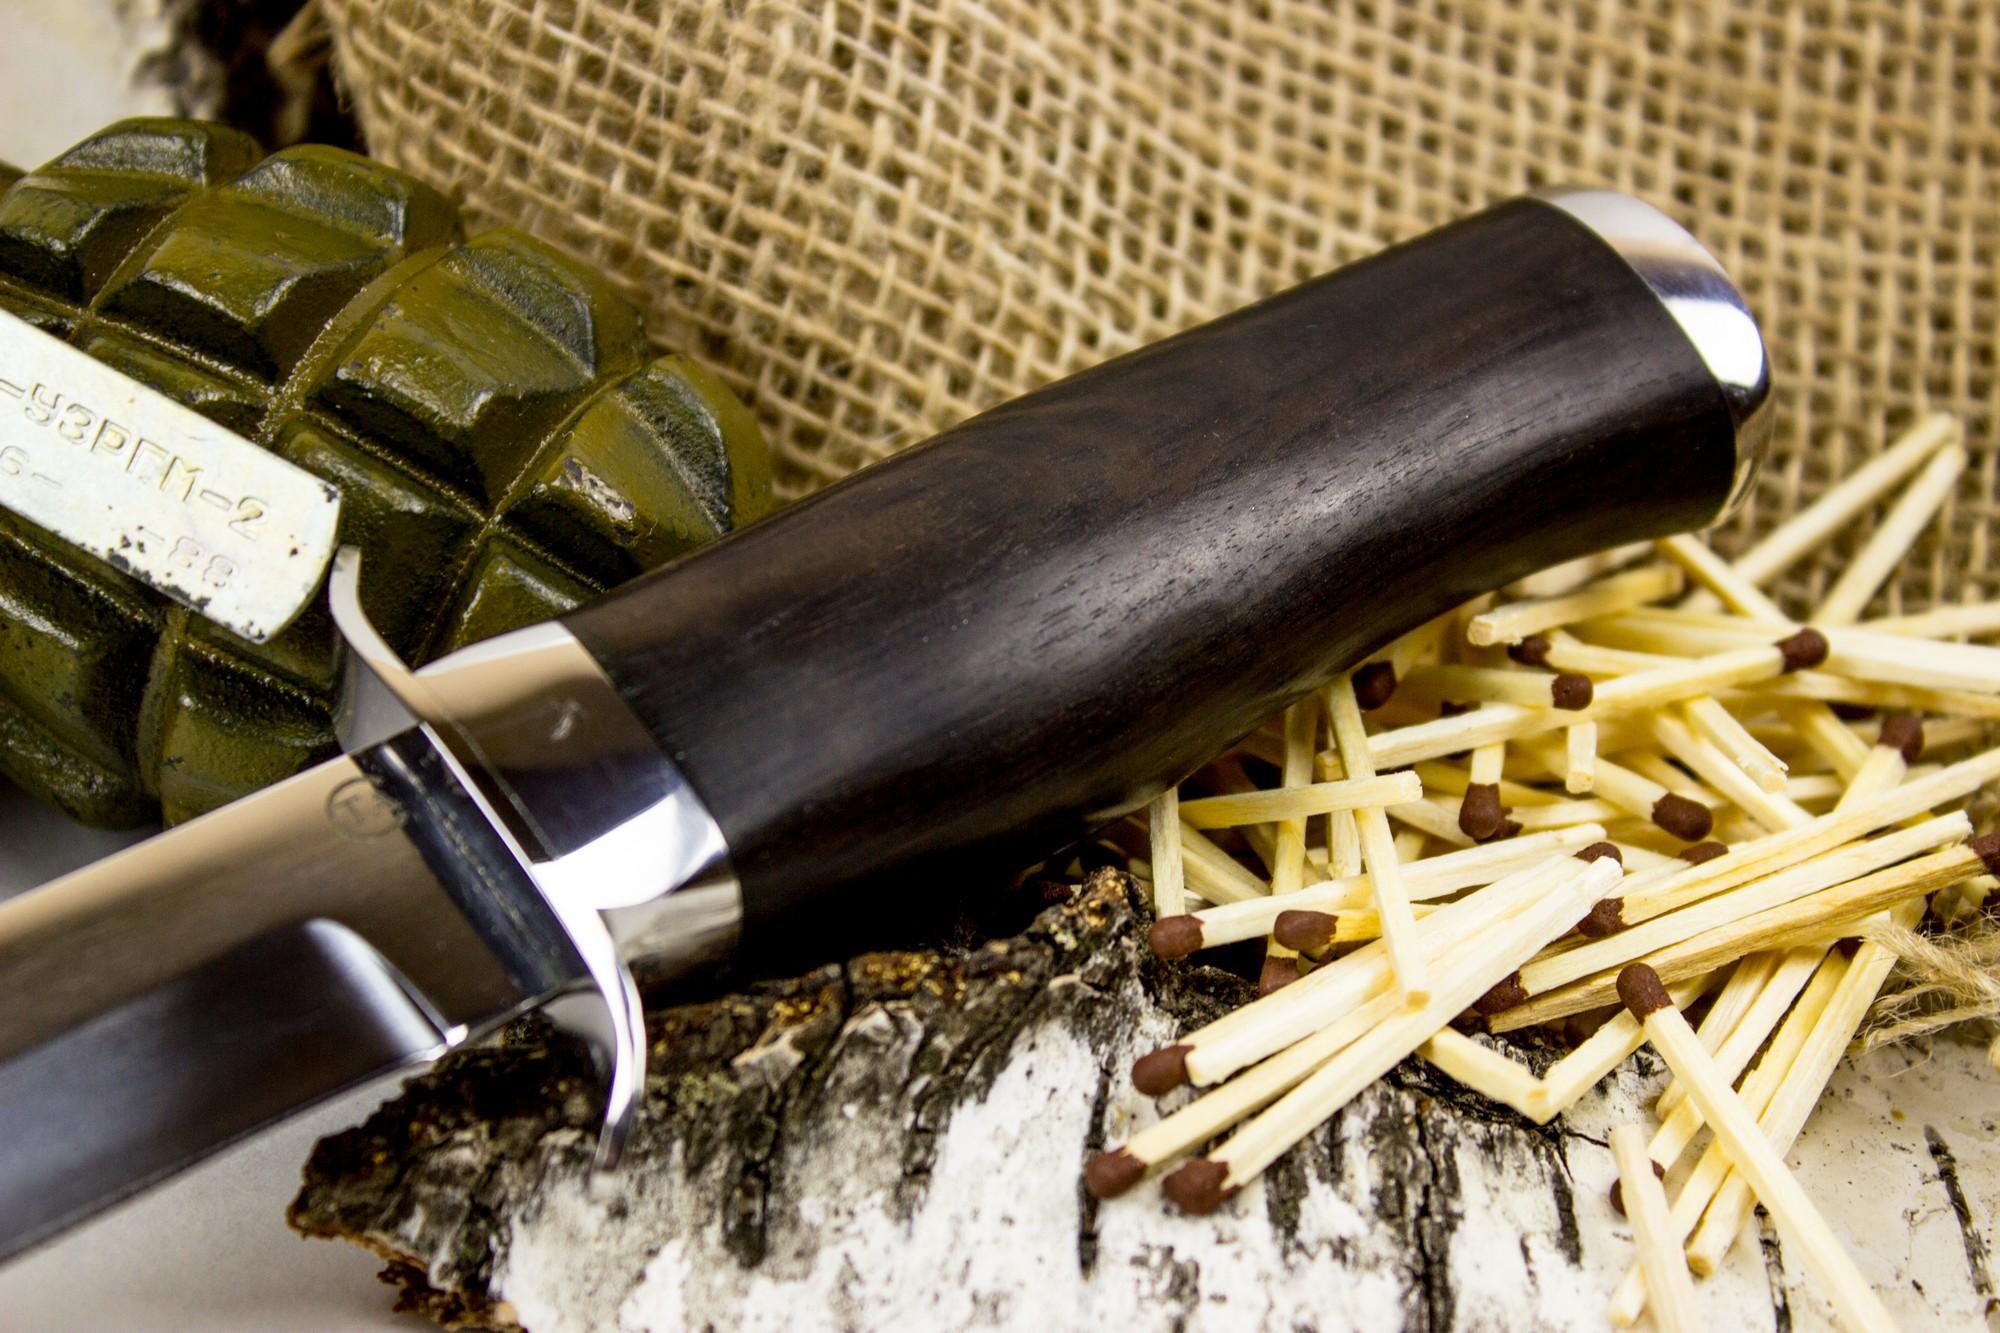 Фото 8 - Нож Спецназ Вишня, сталь 95х18, граб от Титов и Солдатова